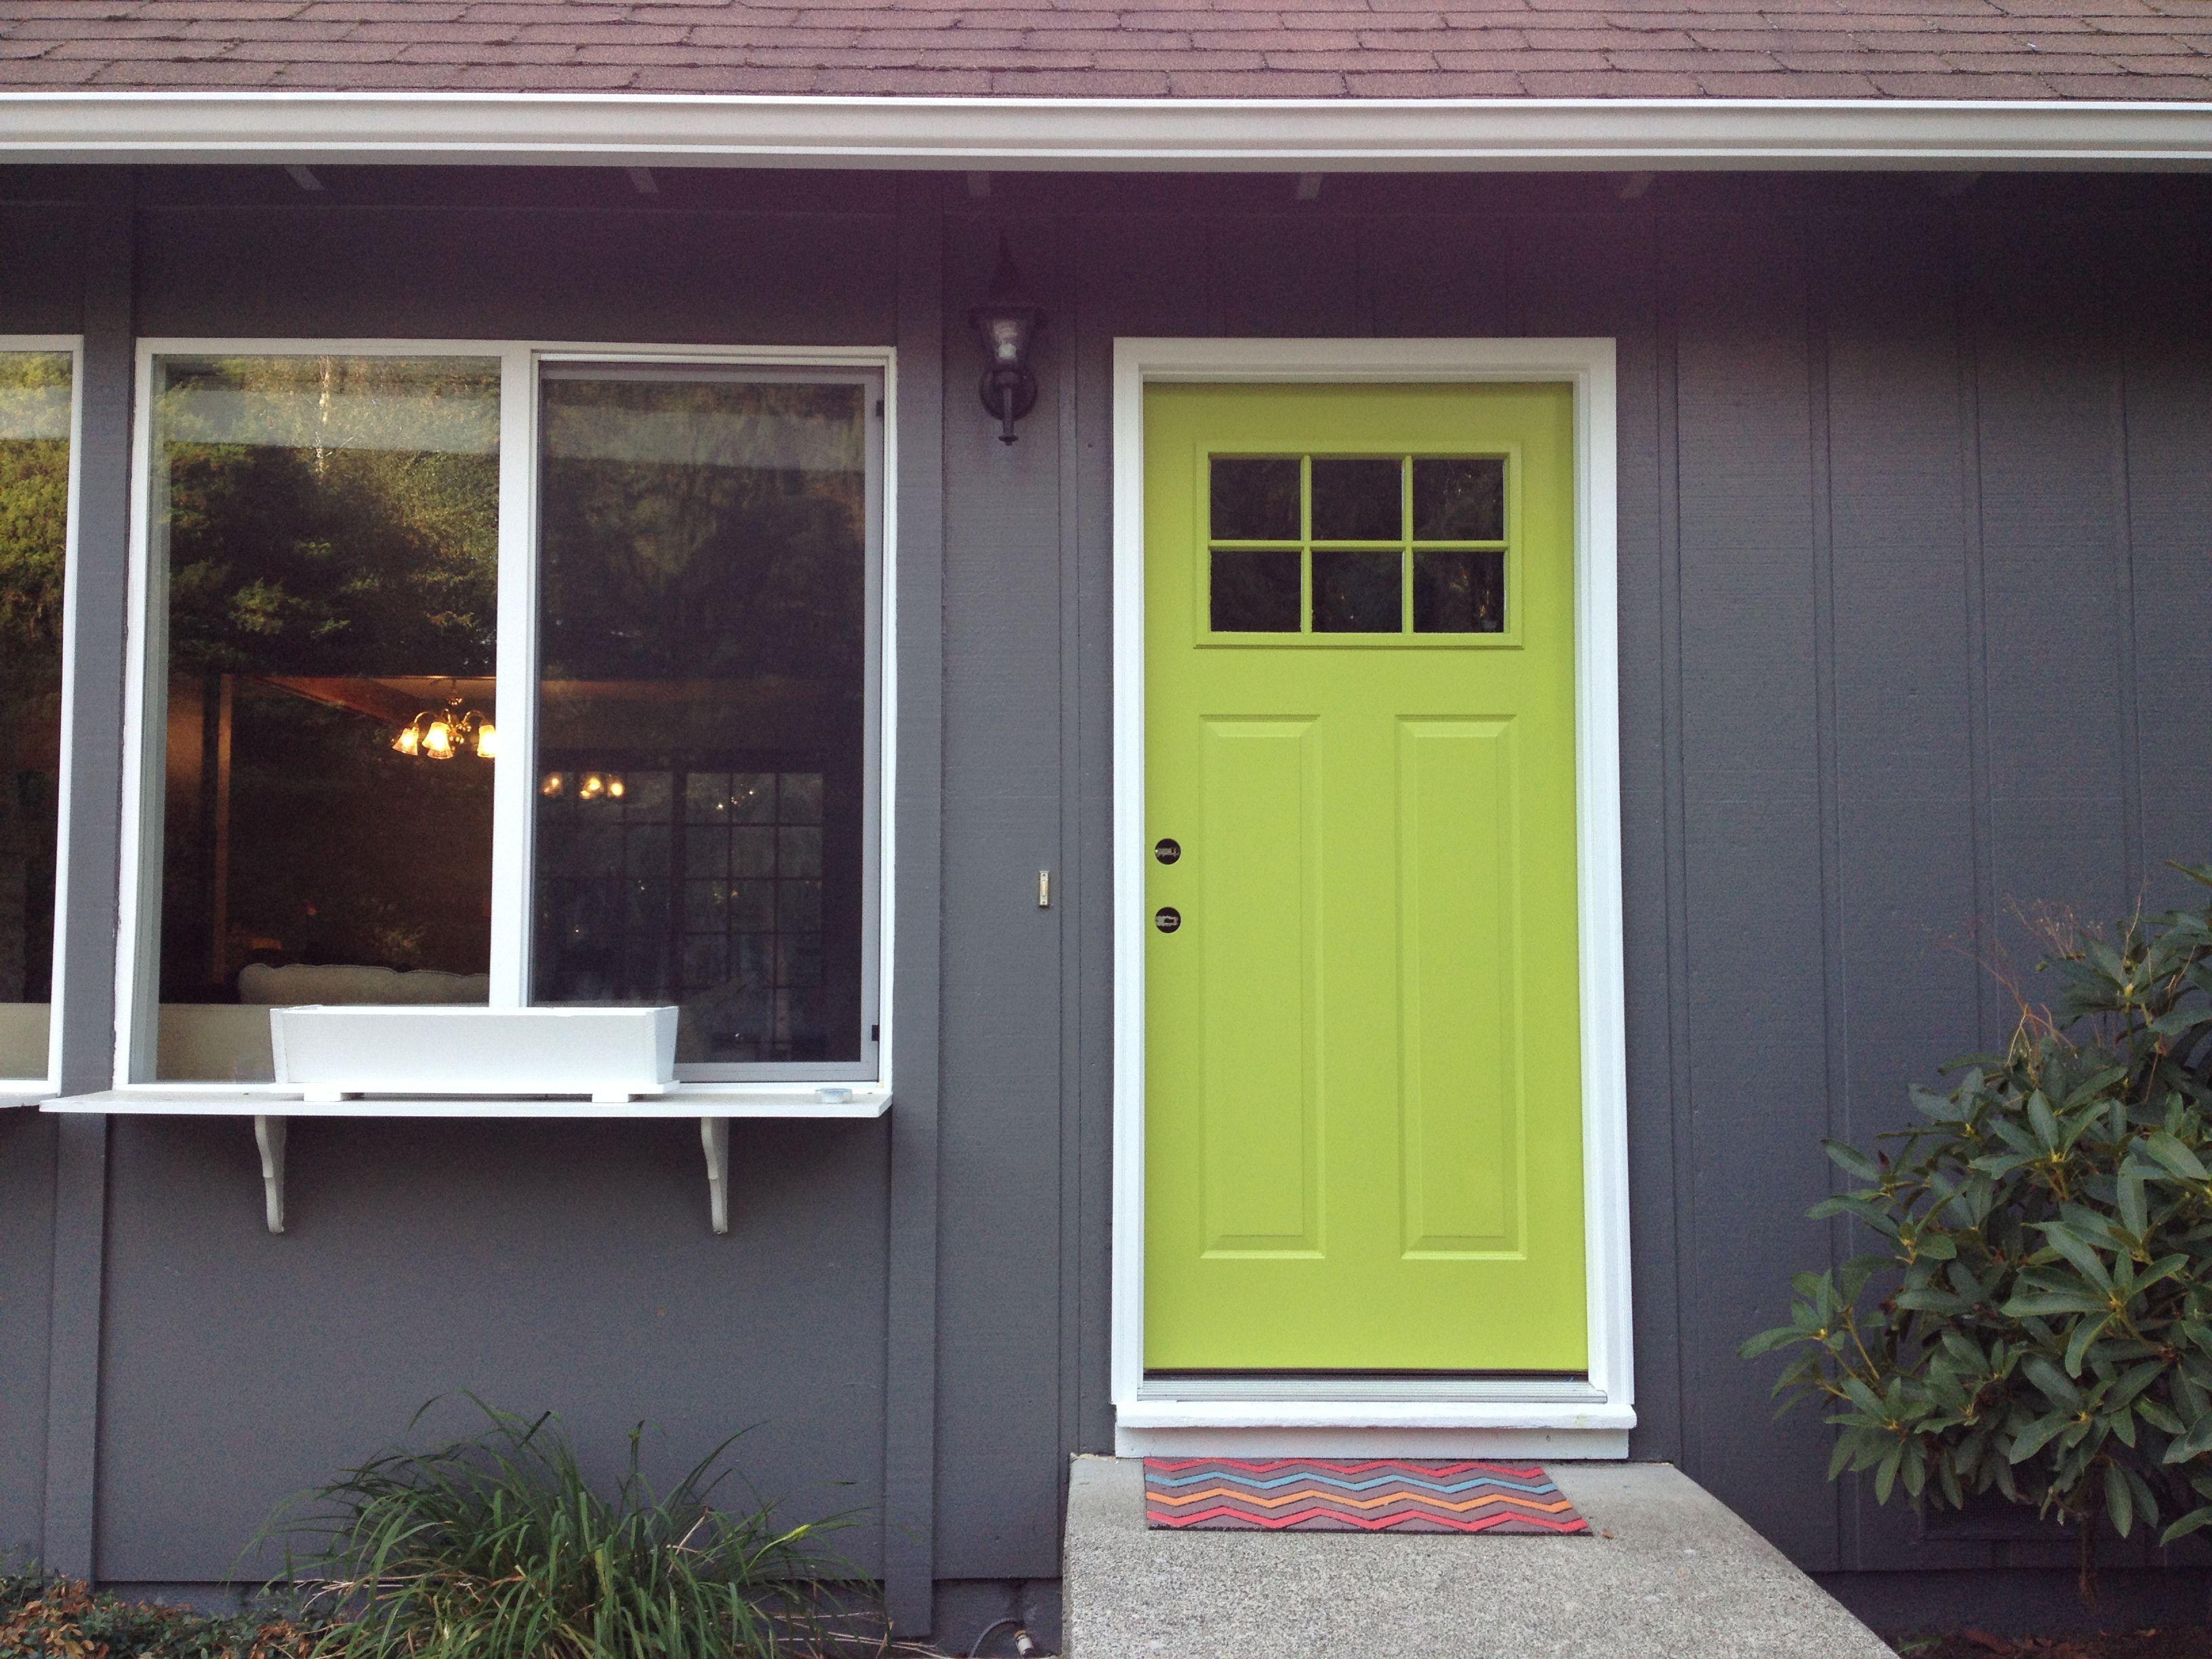 Exterior window trim design ideas  green door  limeade   hol  pinterest  exterior paint schemes